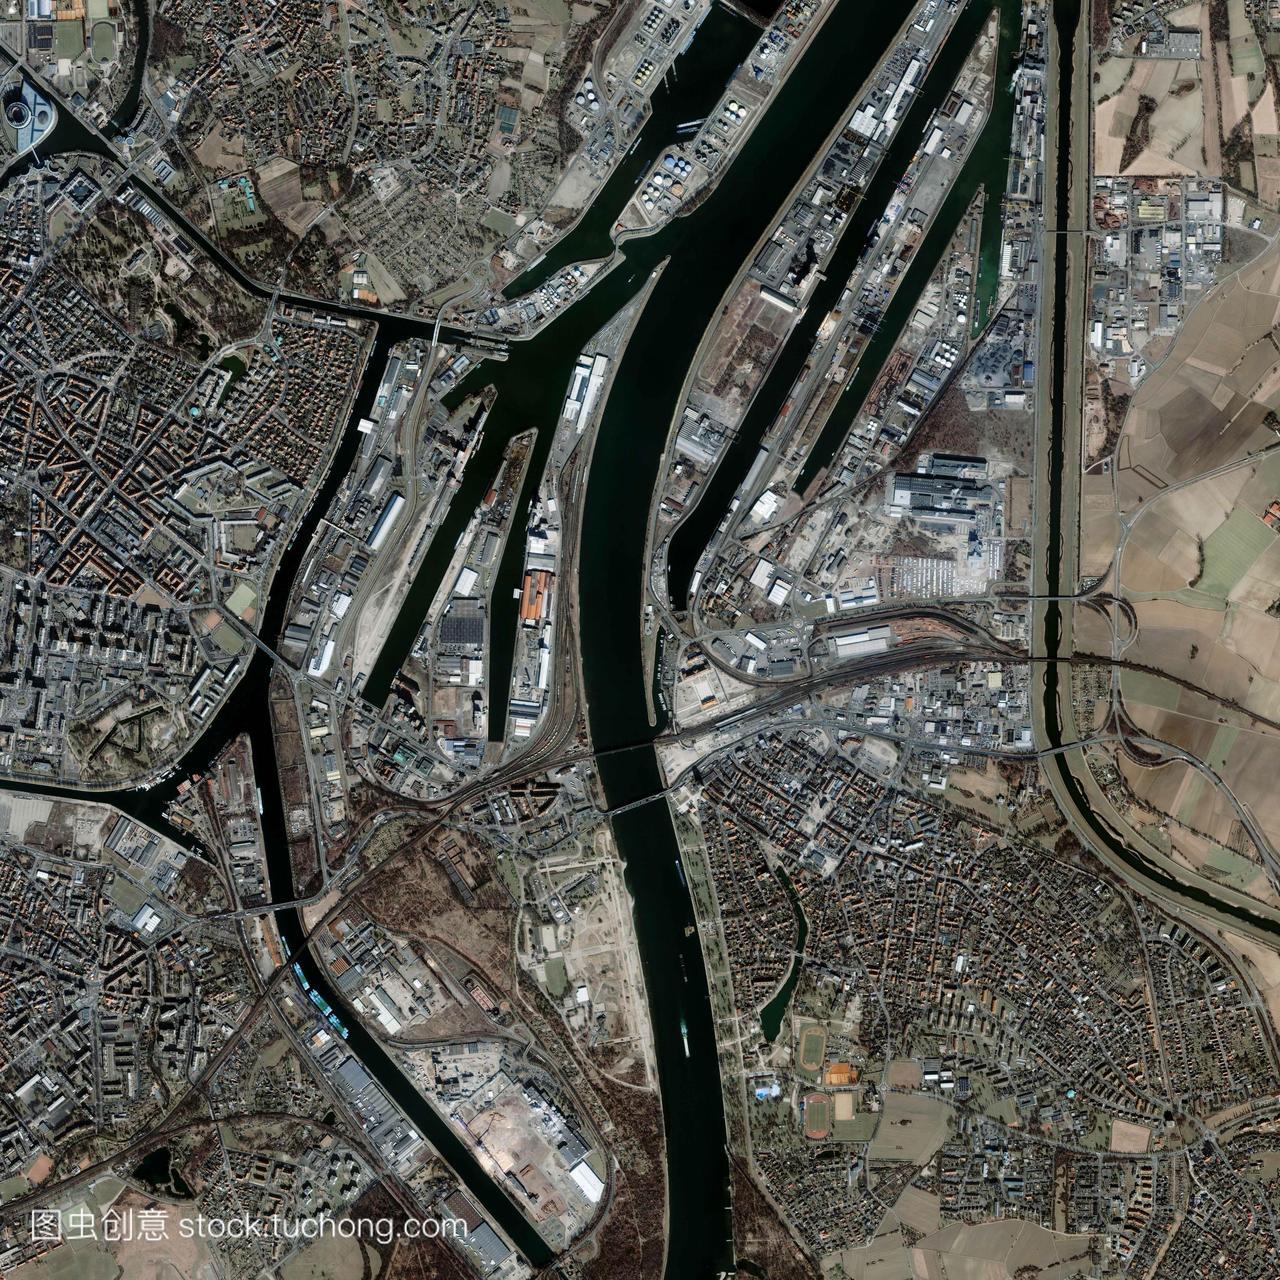 法国斯特拉斯堡卫星图像。斯特拉斯堡位于莱茵